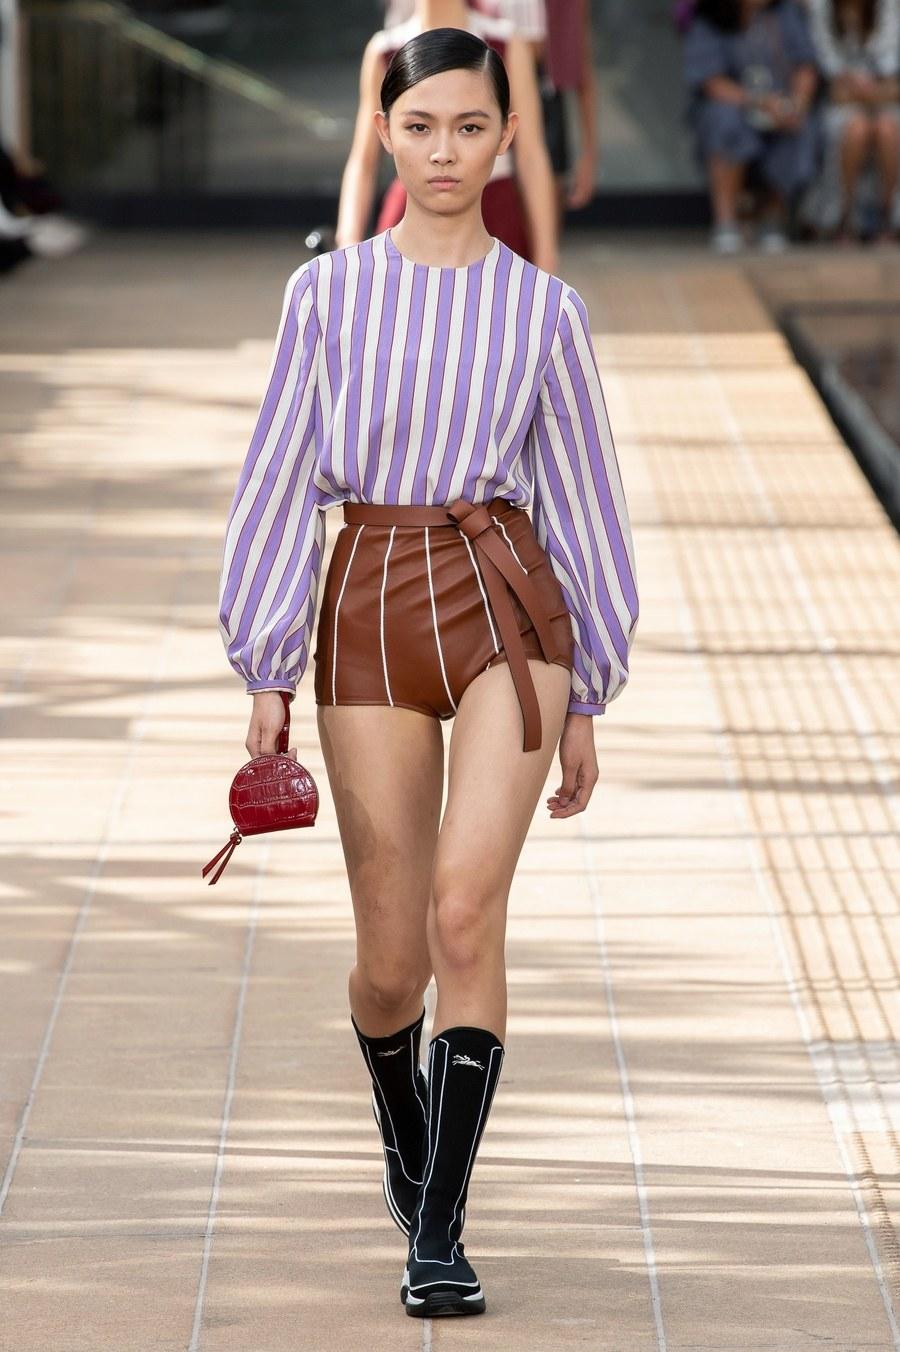 عرض أزياء Longchamp  بأسبوع الموضة بنيويورك (7)